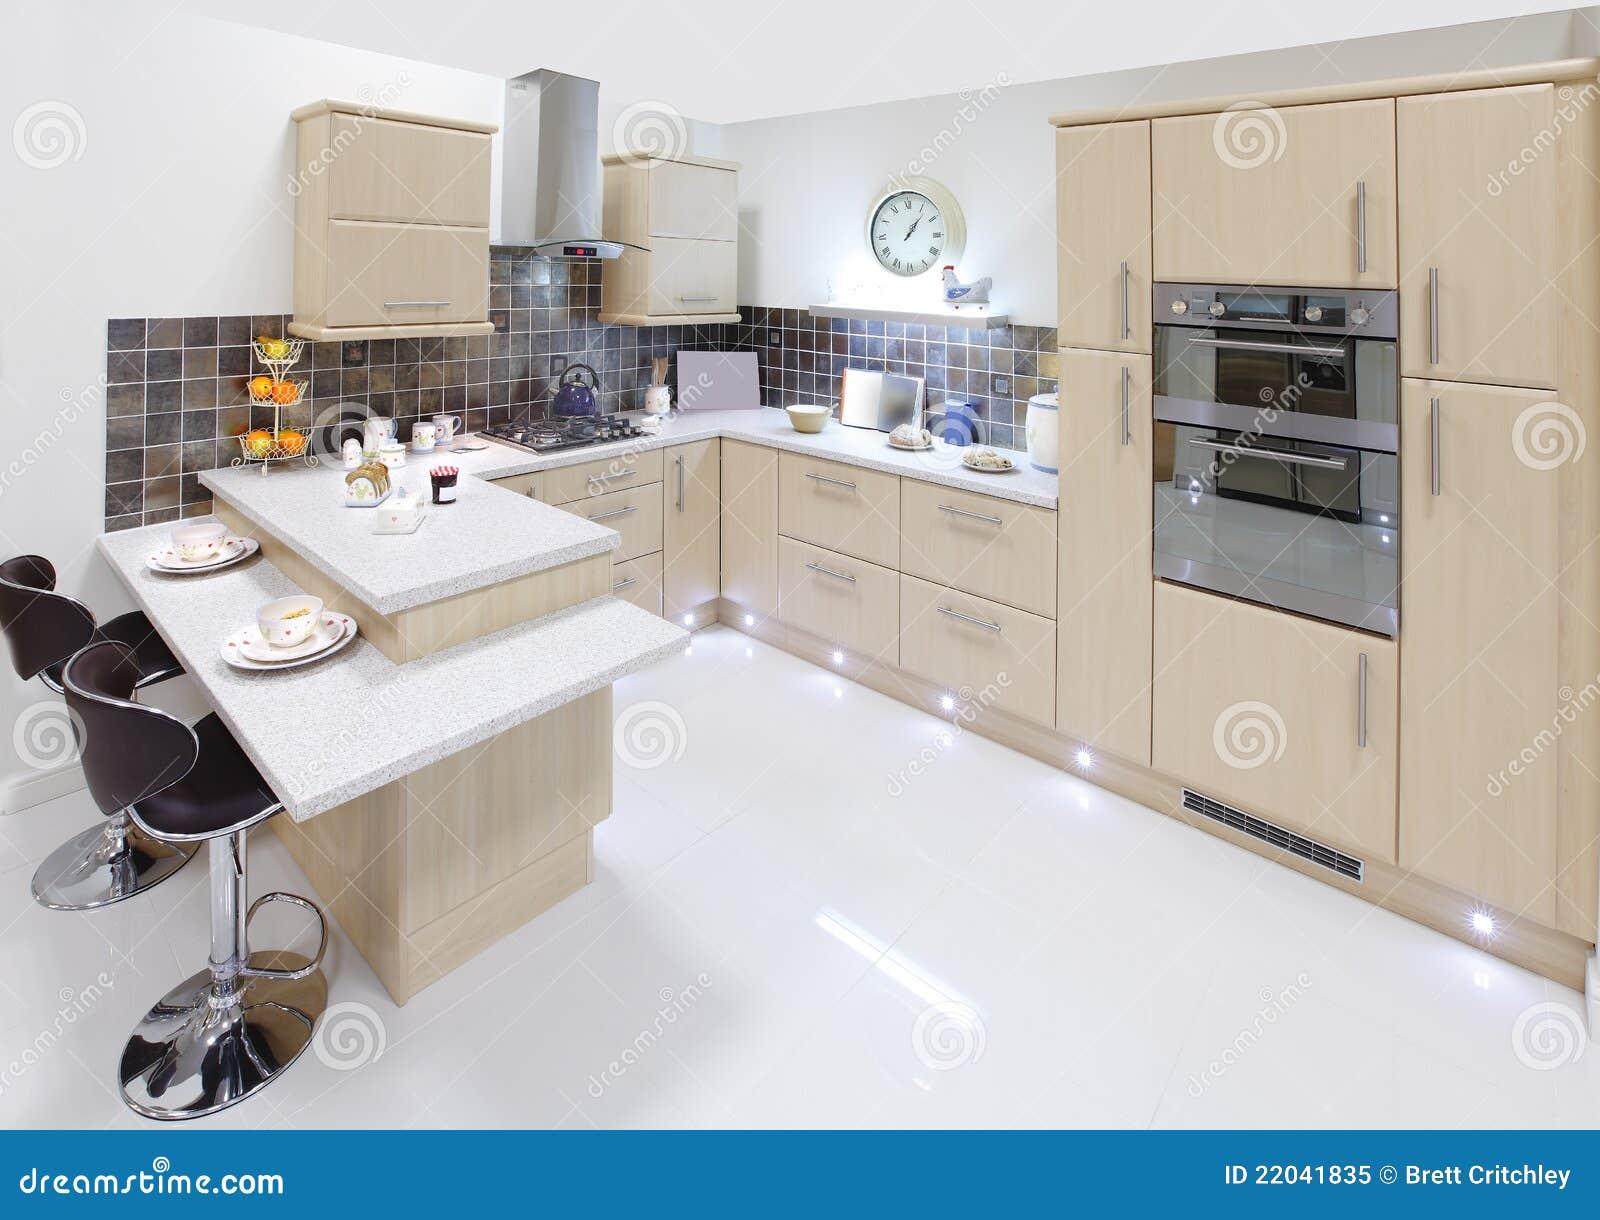 Cuisine Intérieure à La Maison Moderne Image stock - Image ...